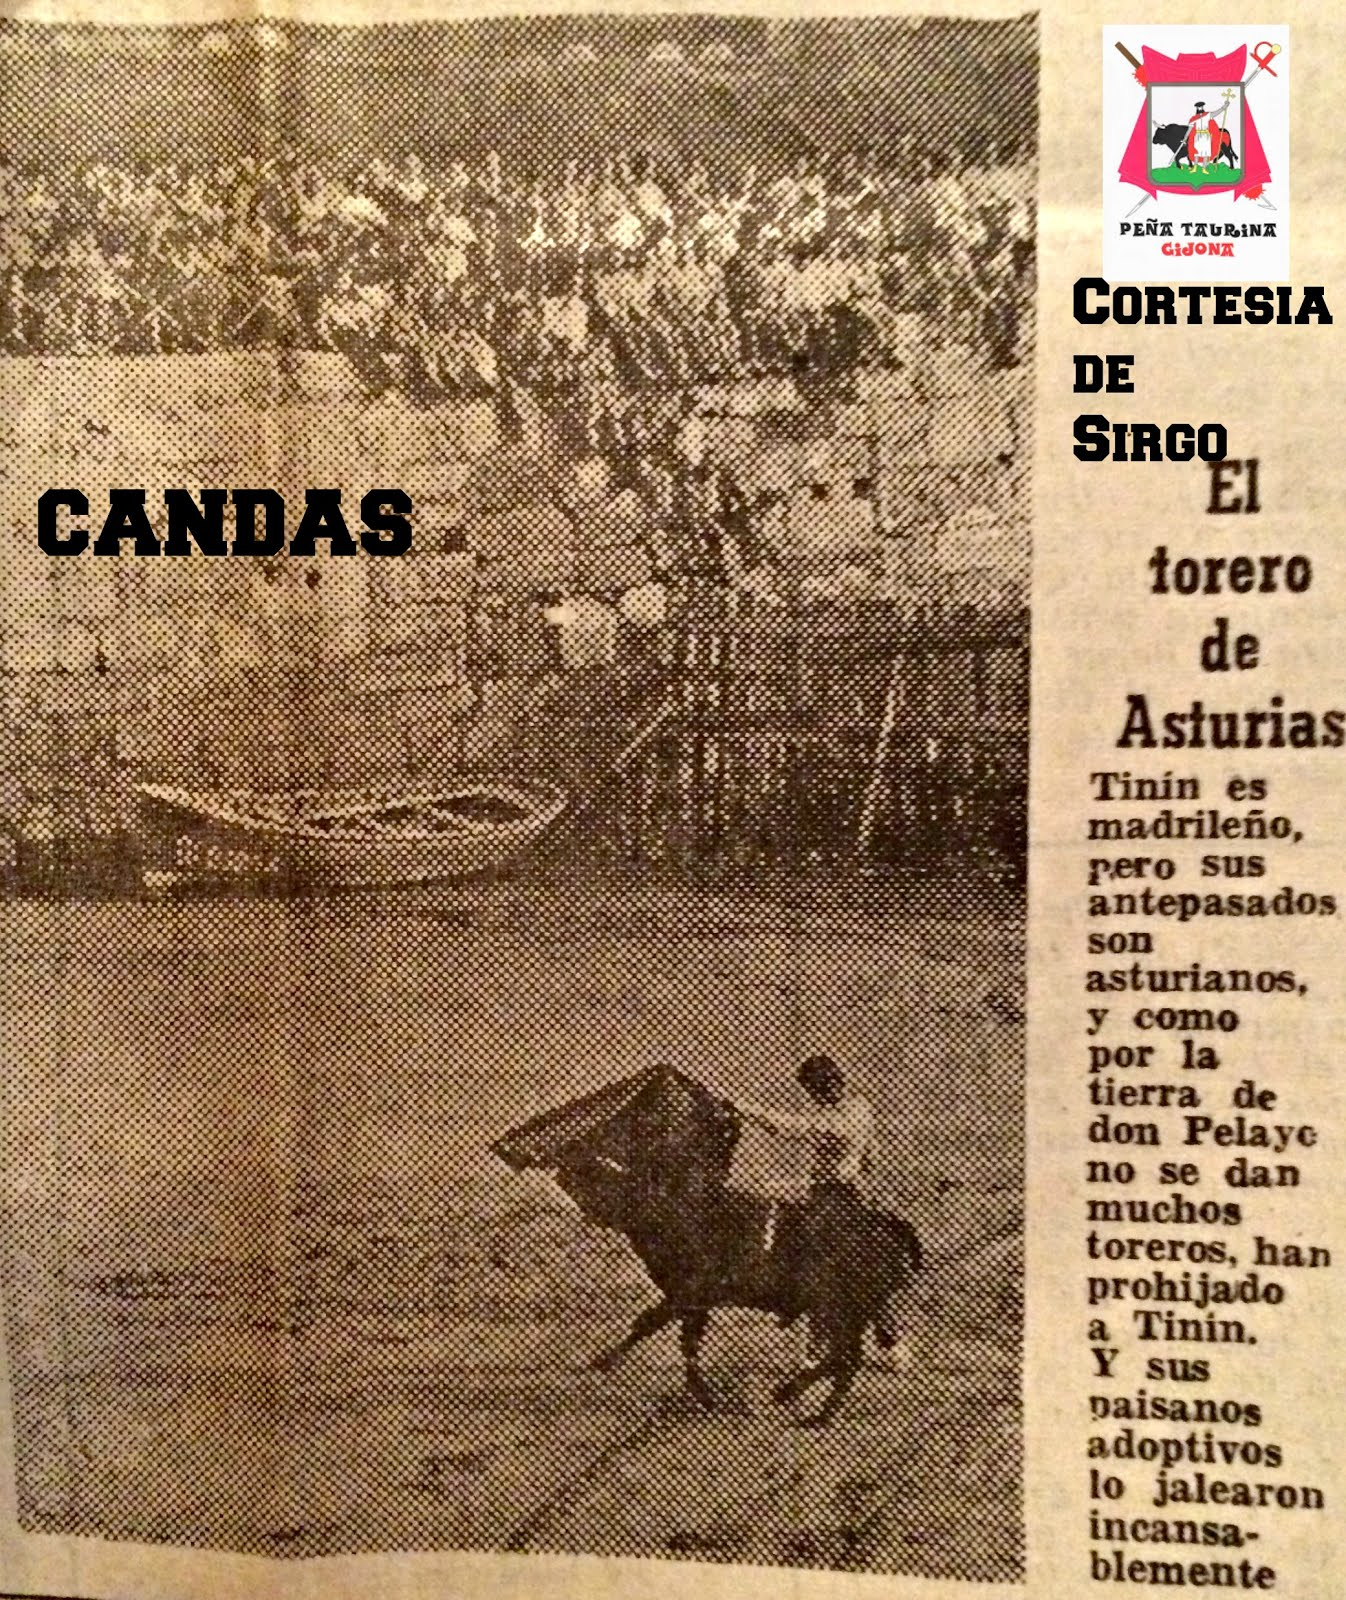 Candás corridas de toros